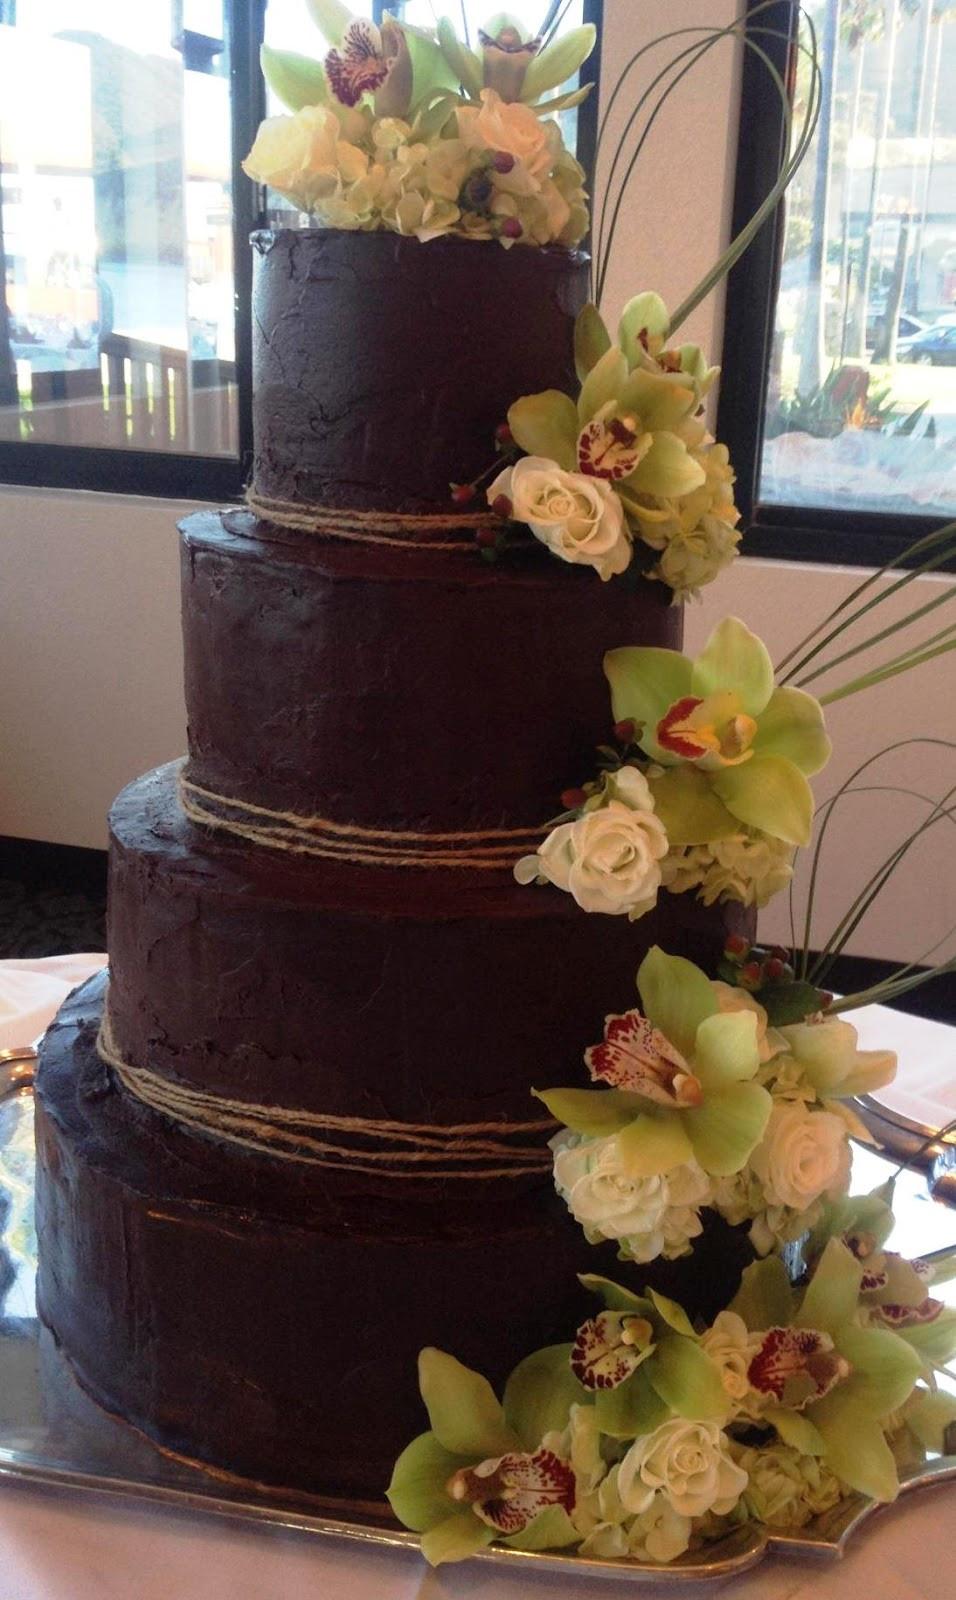 Recipes For Wedding Cakes  Cake Recipe Wedding Cake Ganache Recipe